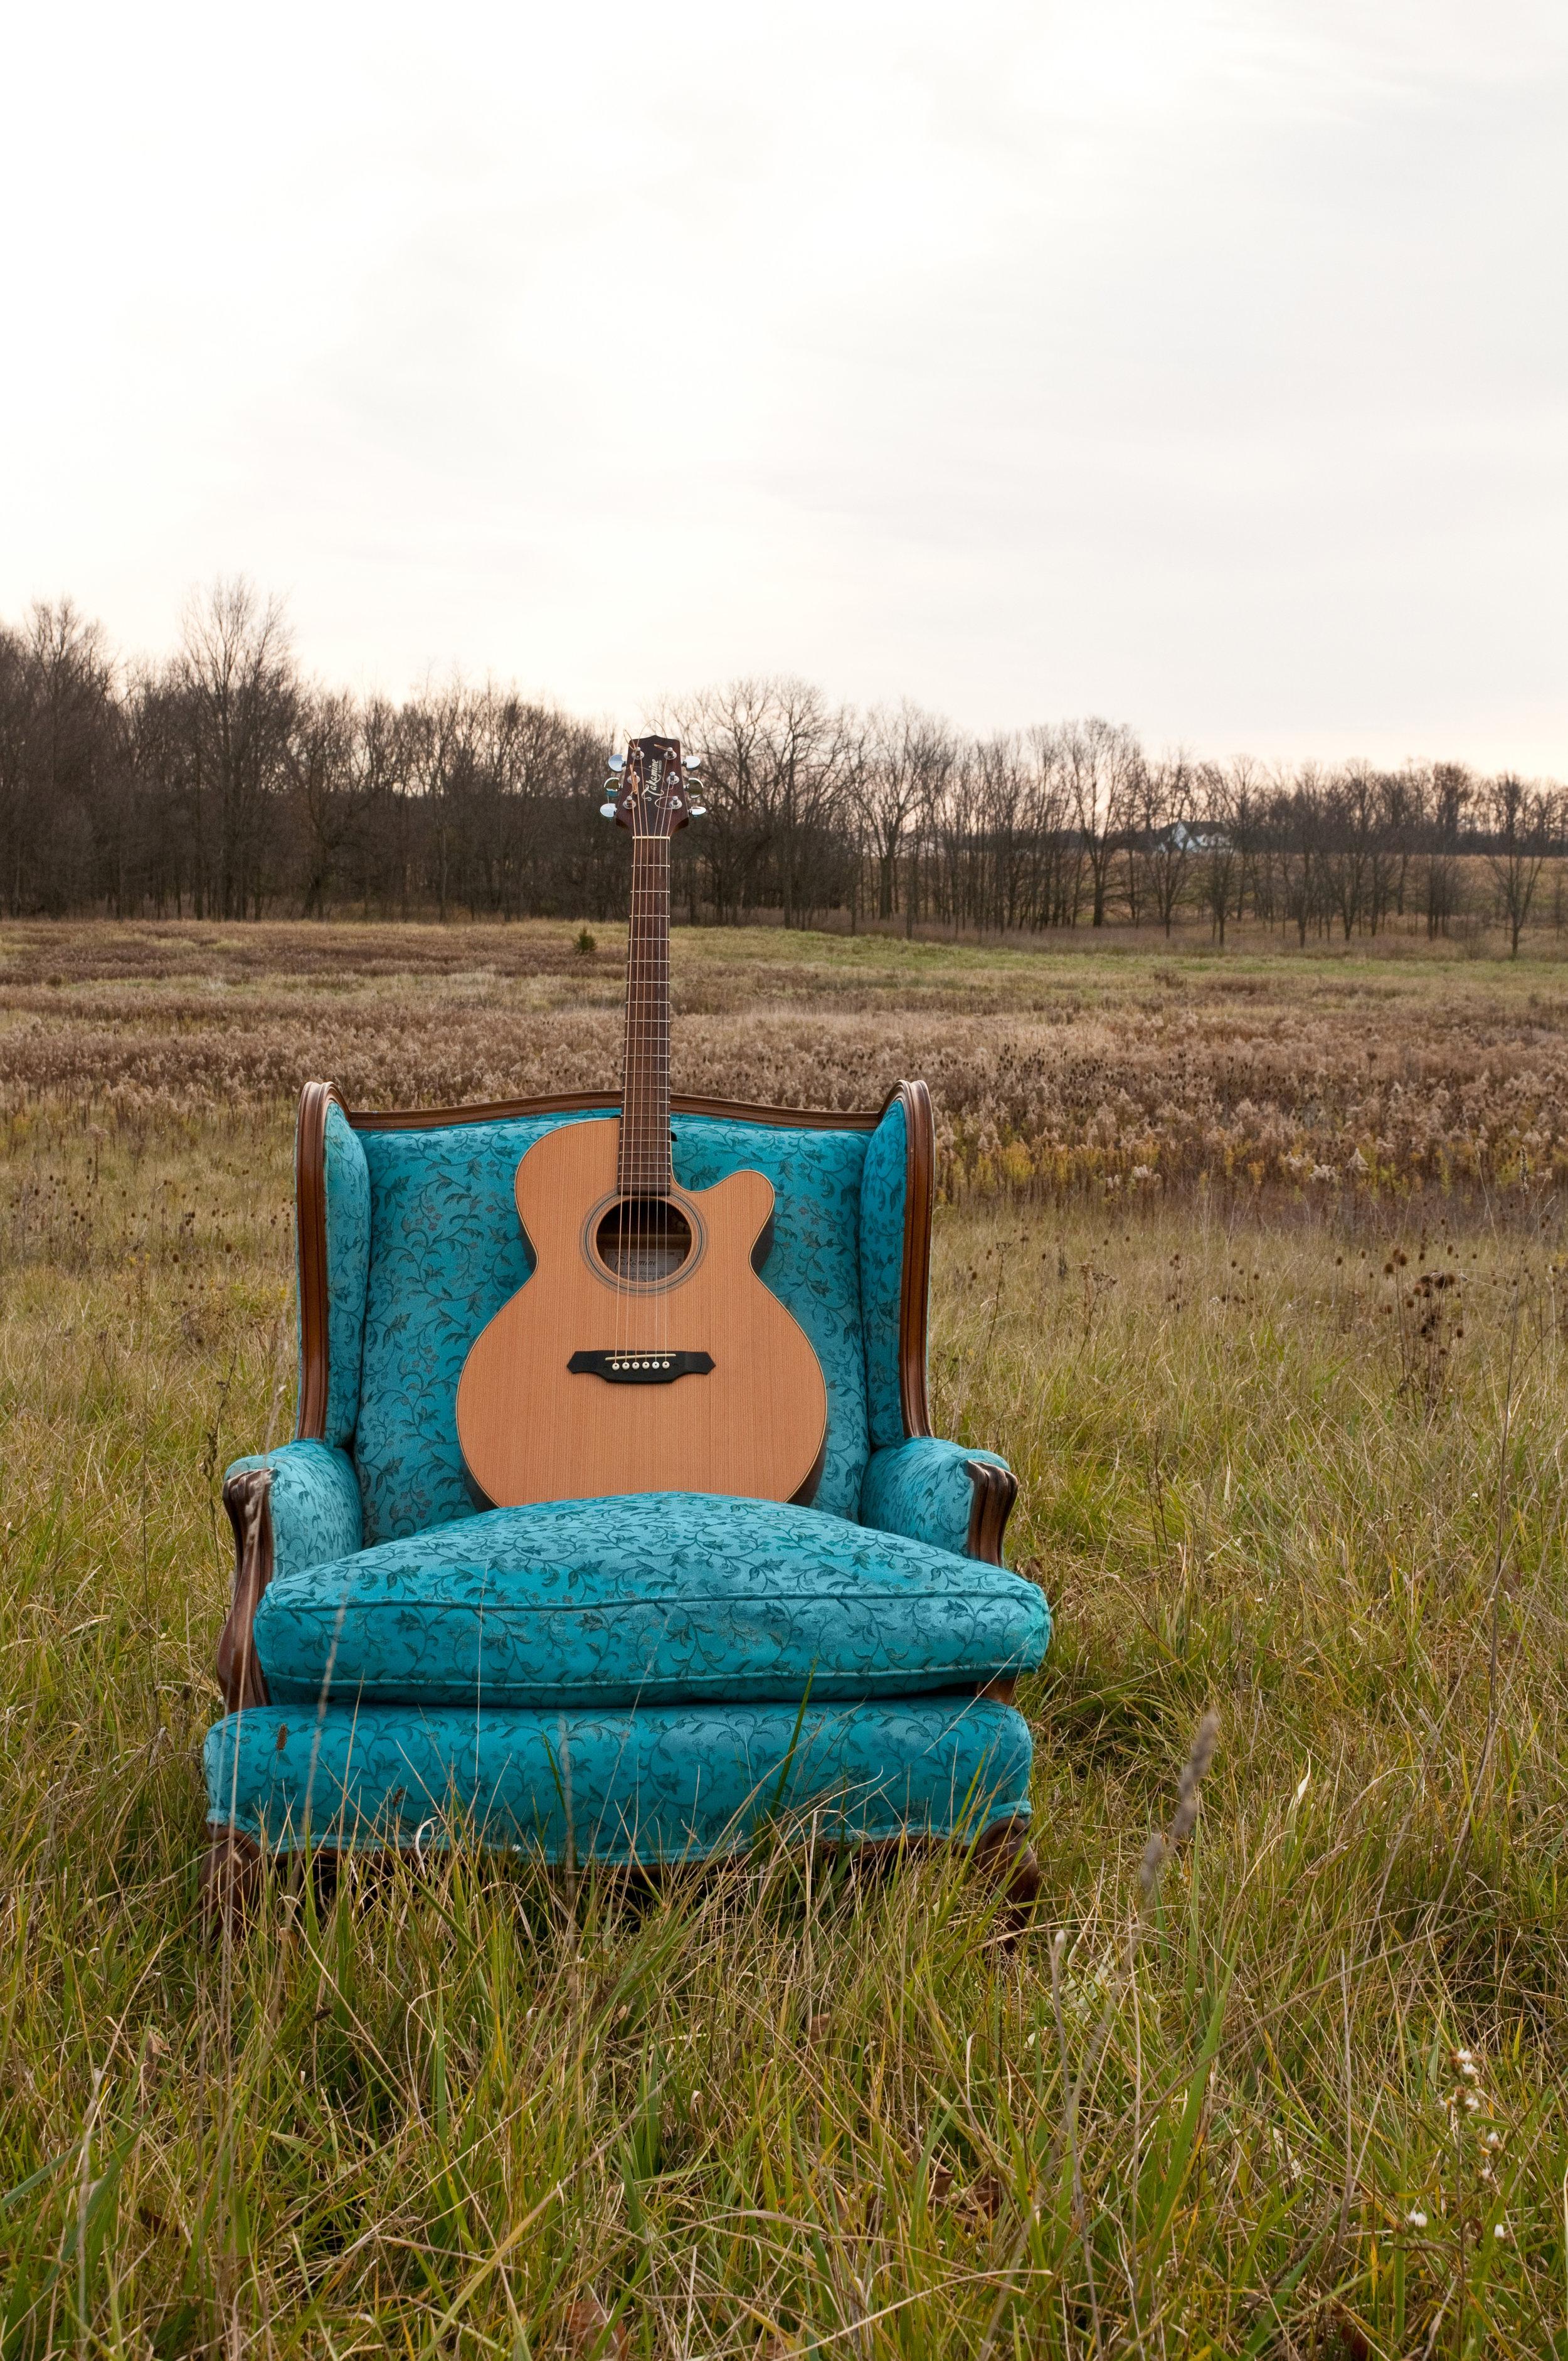 Blue Chair-guitar-field.jpg